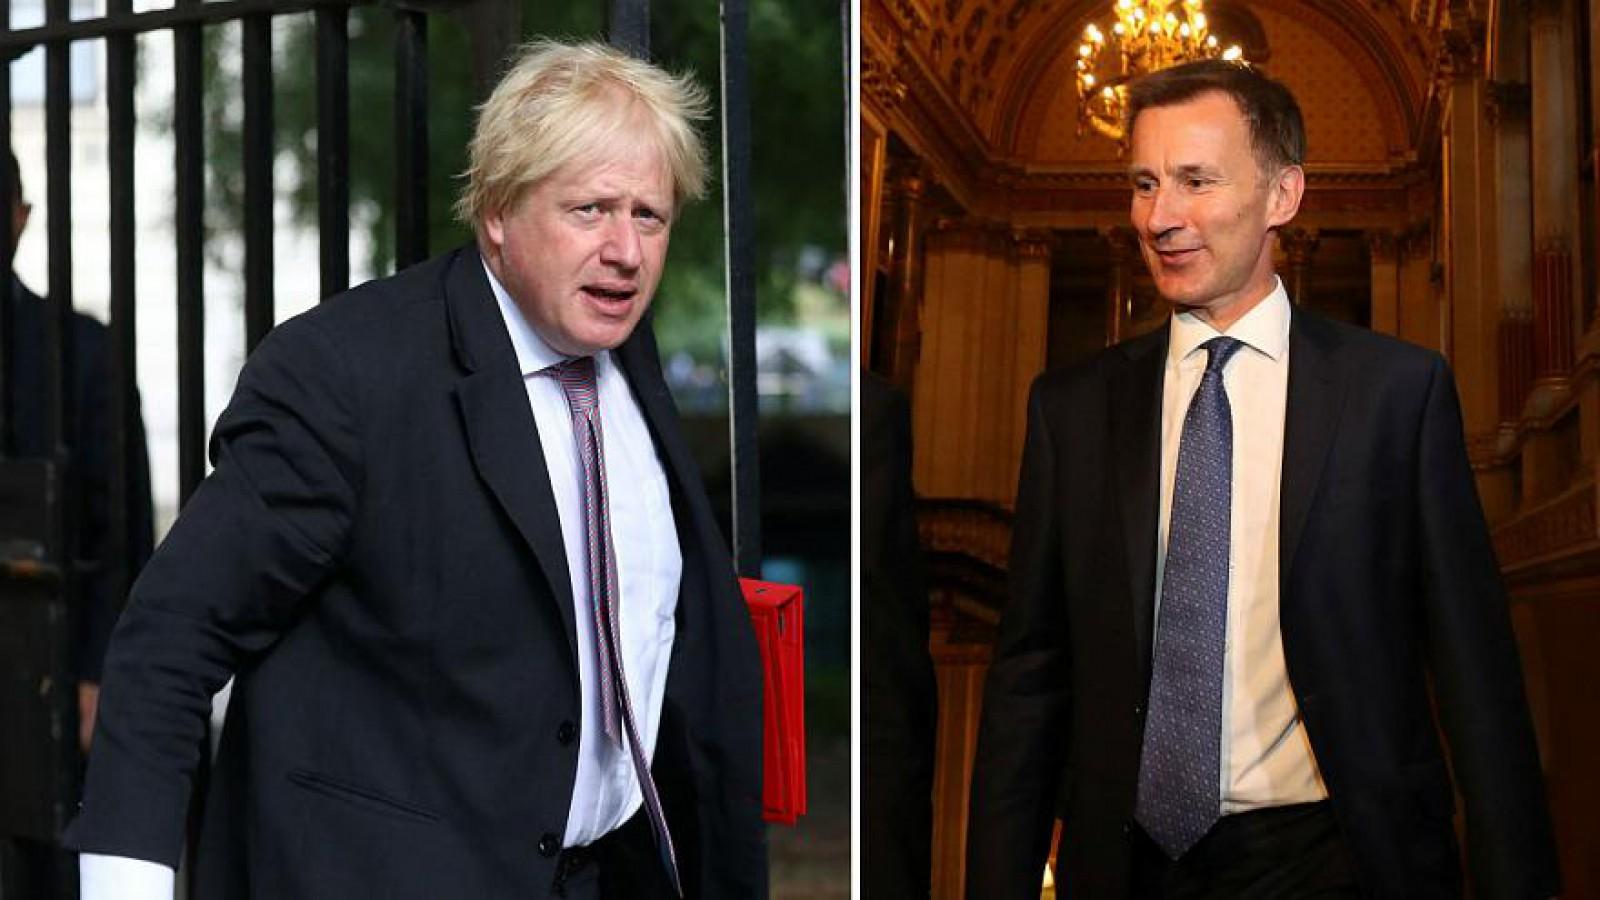 Jeremy Hunt a fost numit noul ministru de Externe al Marii Britanii, în locul lui Boris Johnson